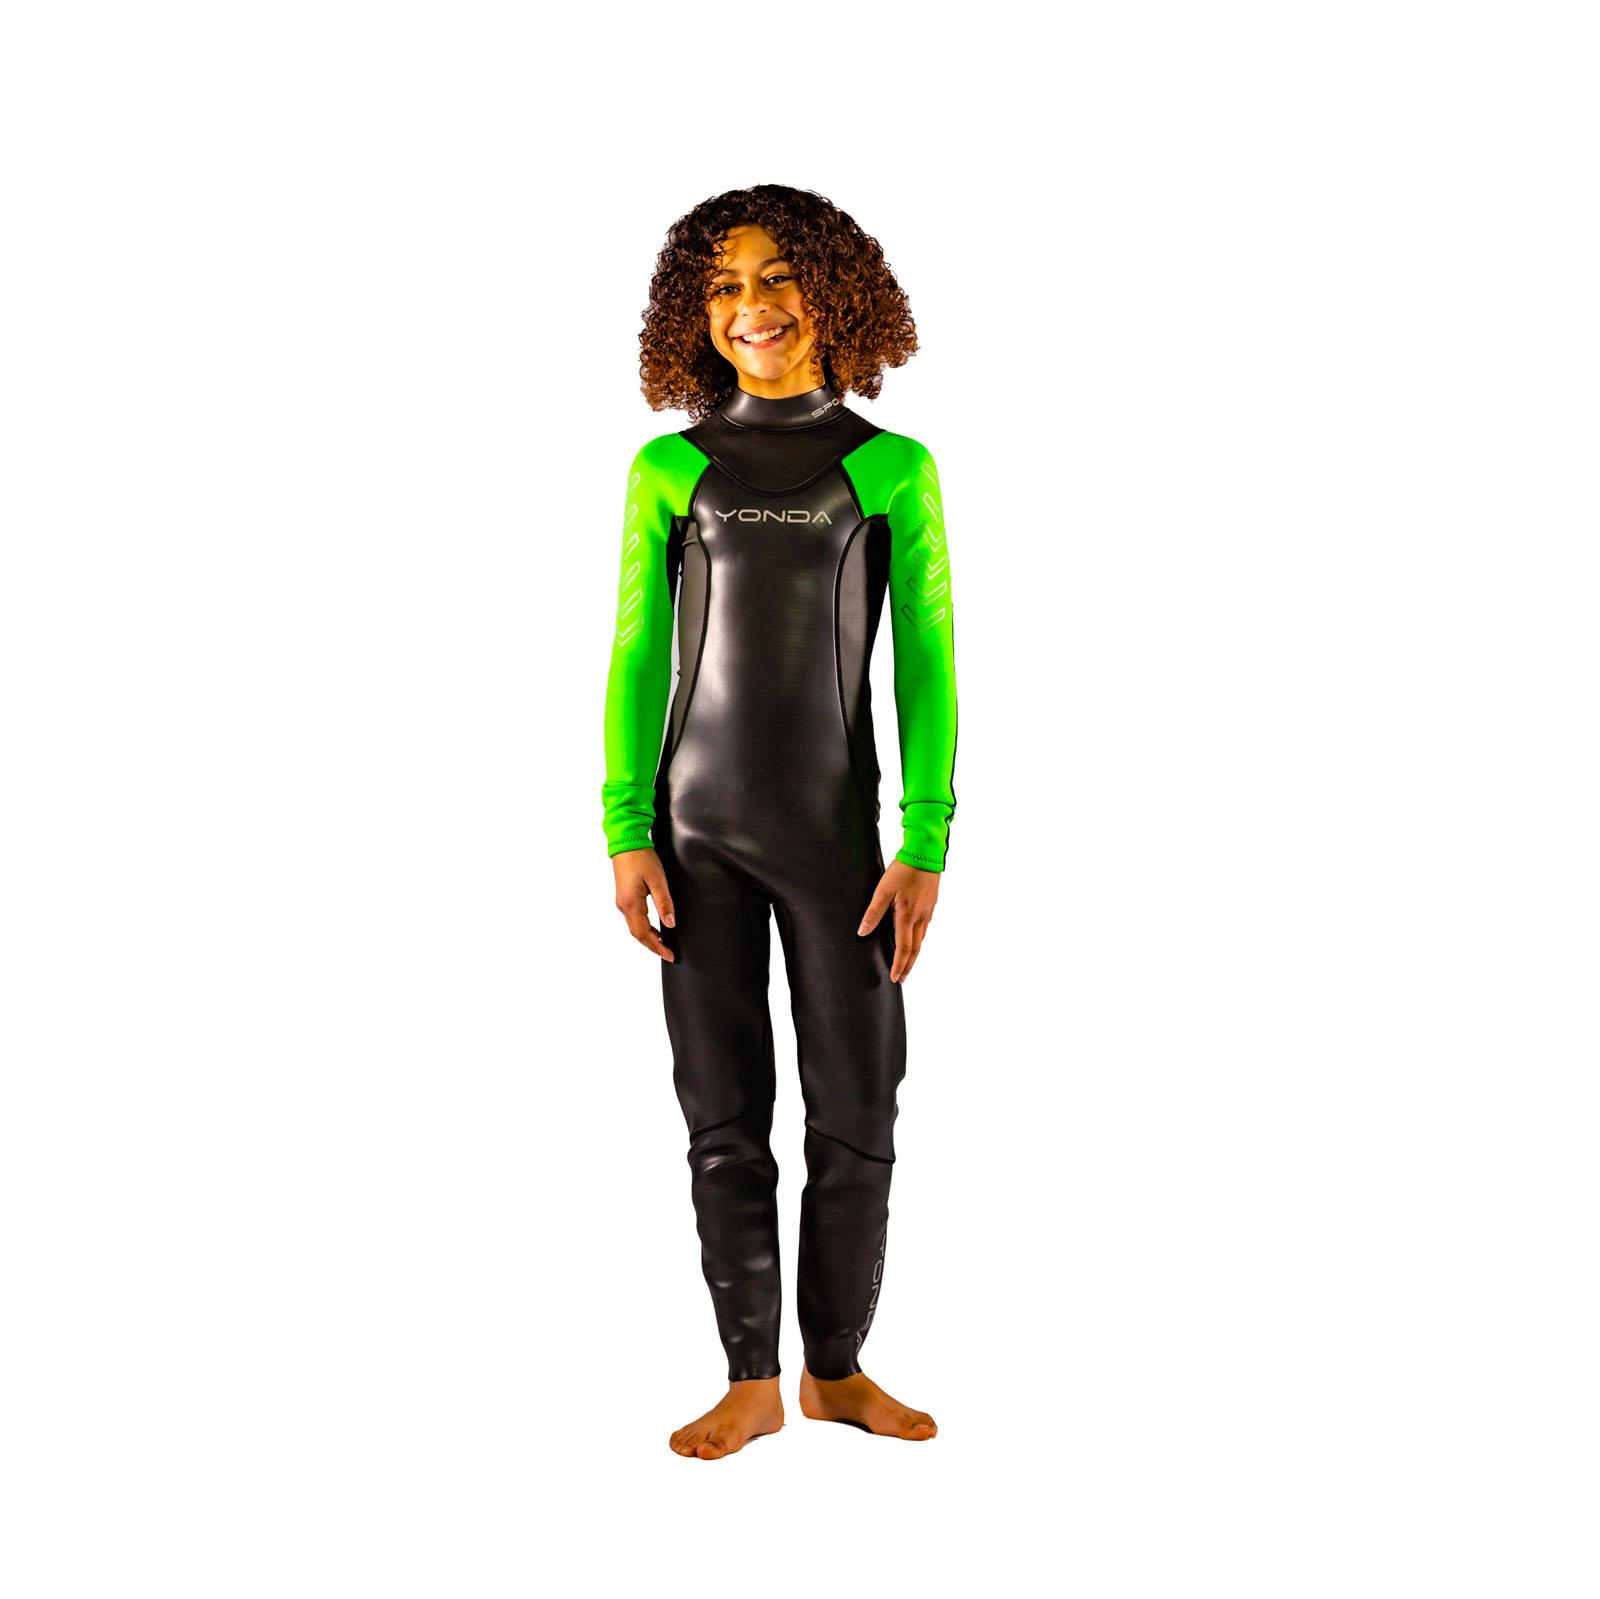 Yonda Spook Wetsuit - Kid's Wetsuit